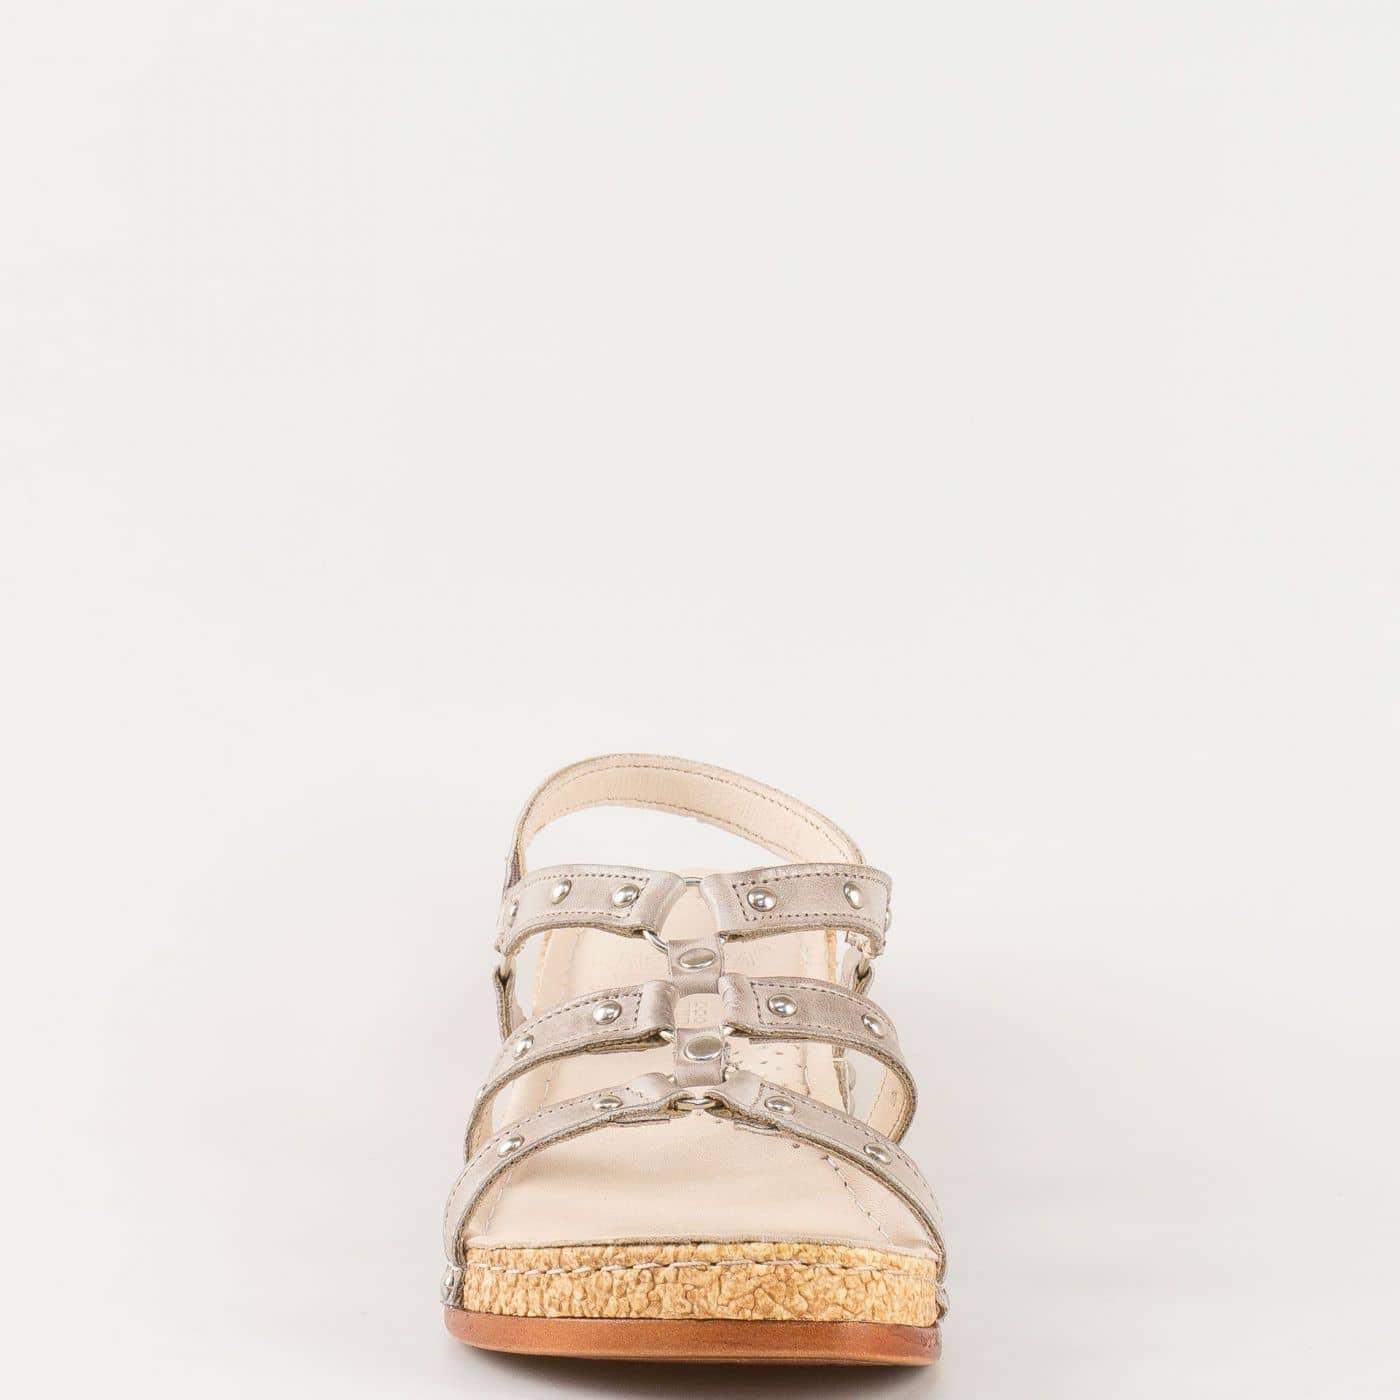 c46a8affba1 Дамски удобни сандали на комфортно ходило изработени от 100% естествена  кожа в сив цвят k213sv